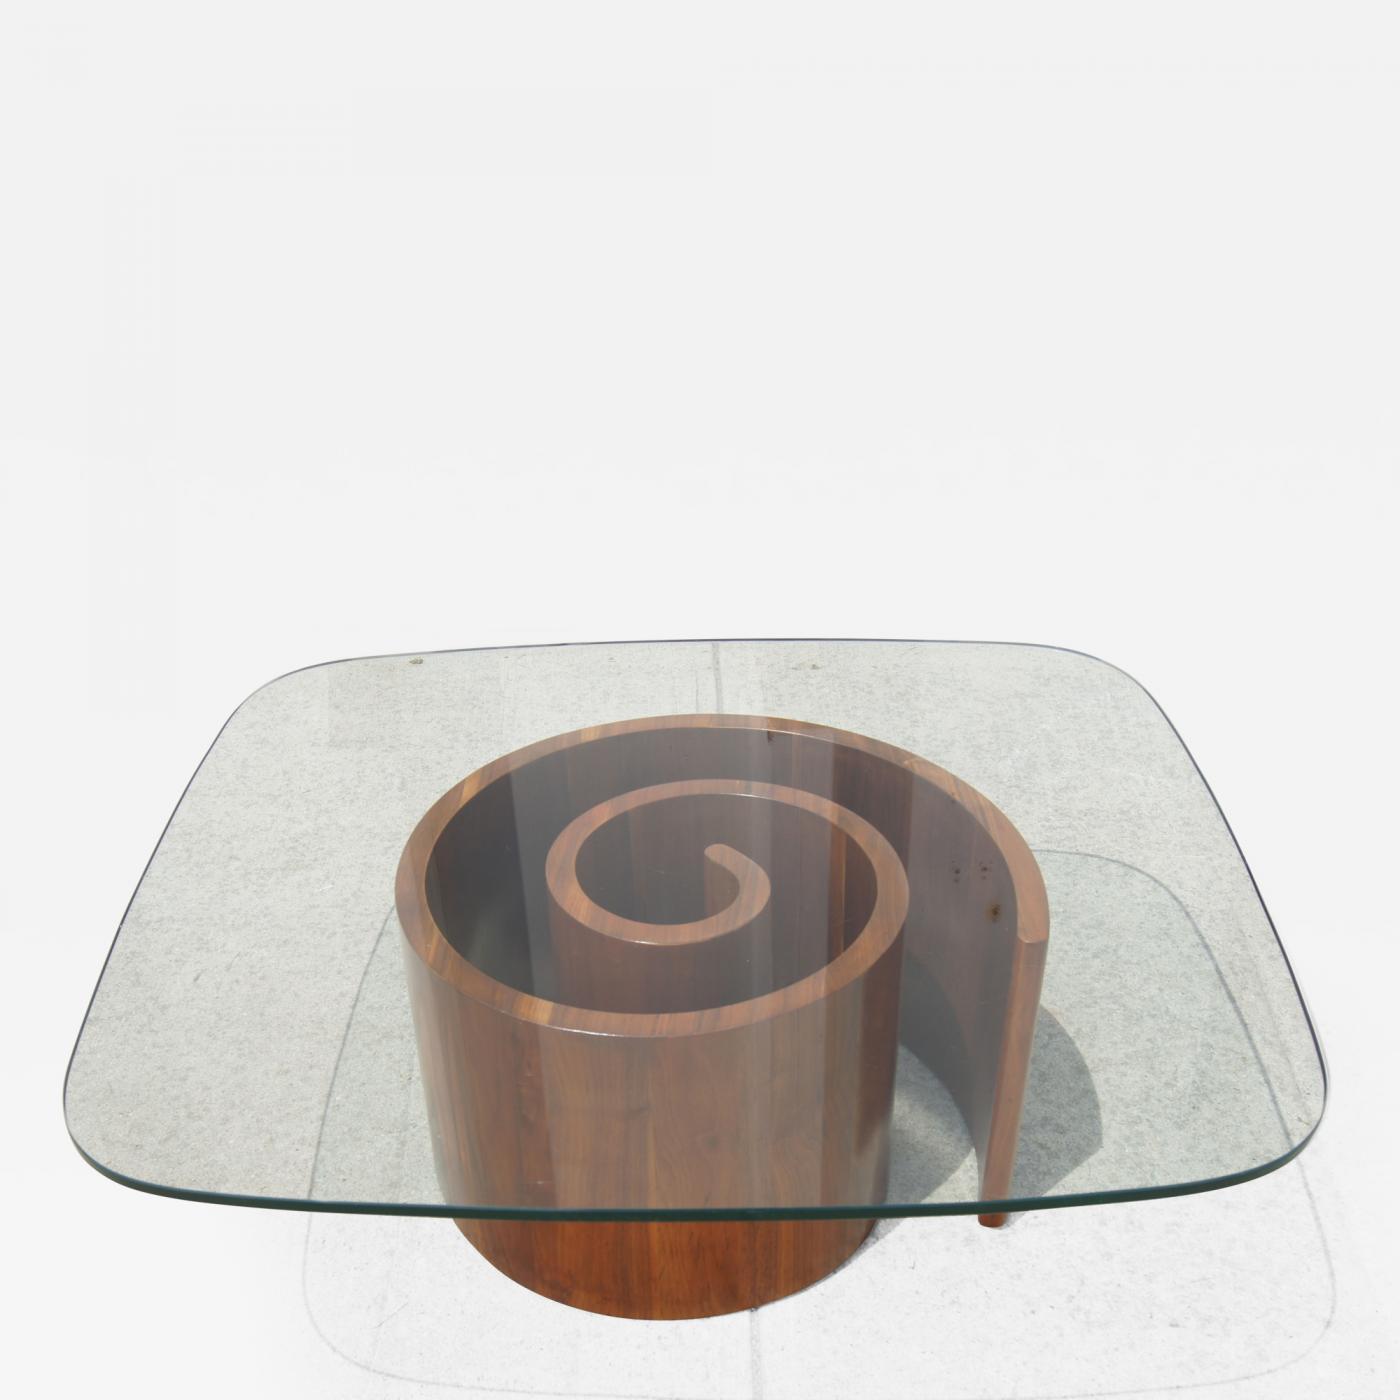 Kagan Coffee Table.Vladimir Kagan Walnut Glass Snail Coffee Table By Vladimir Kagan